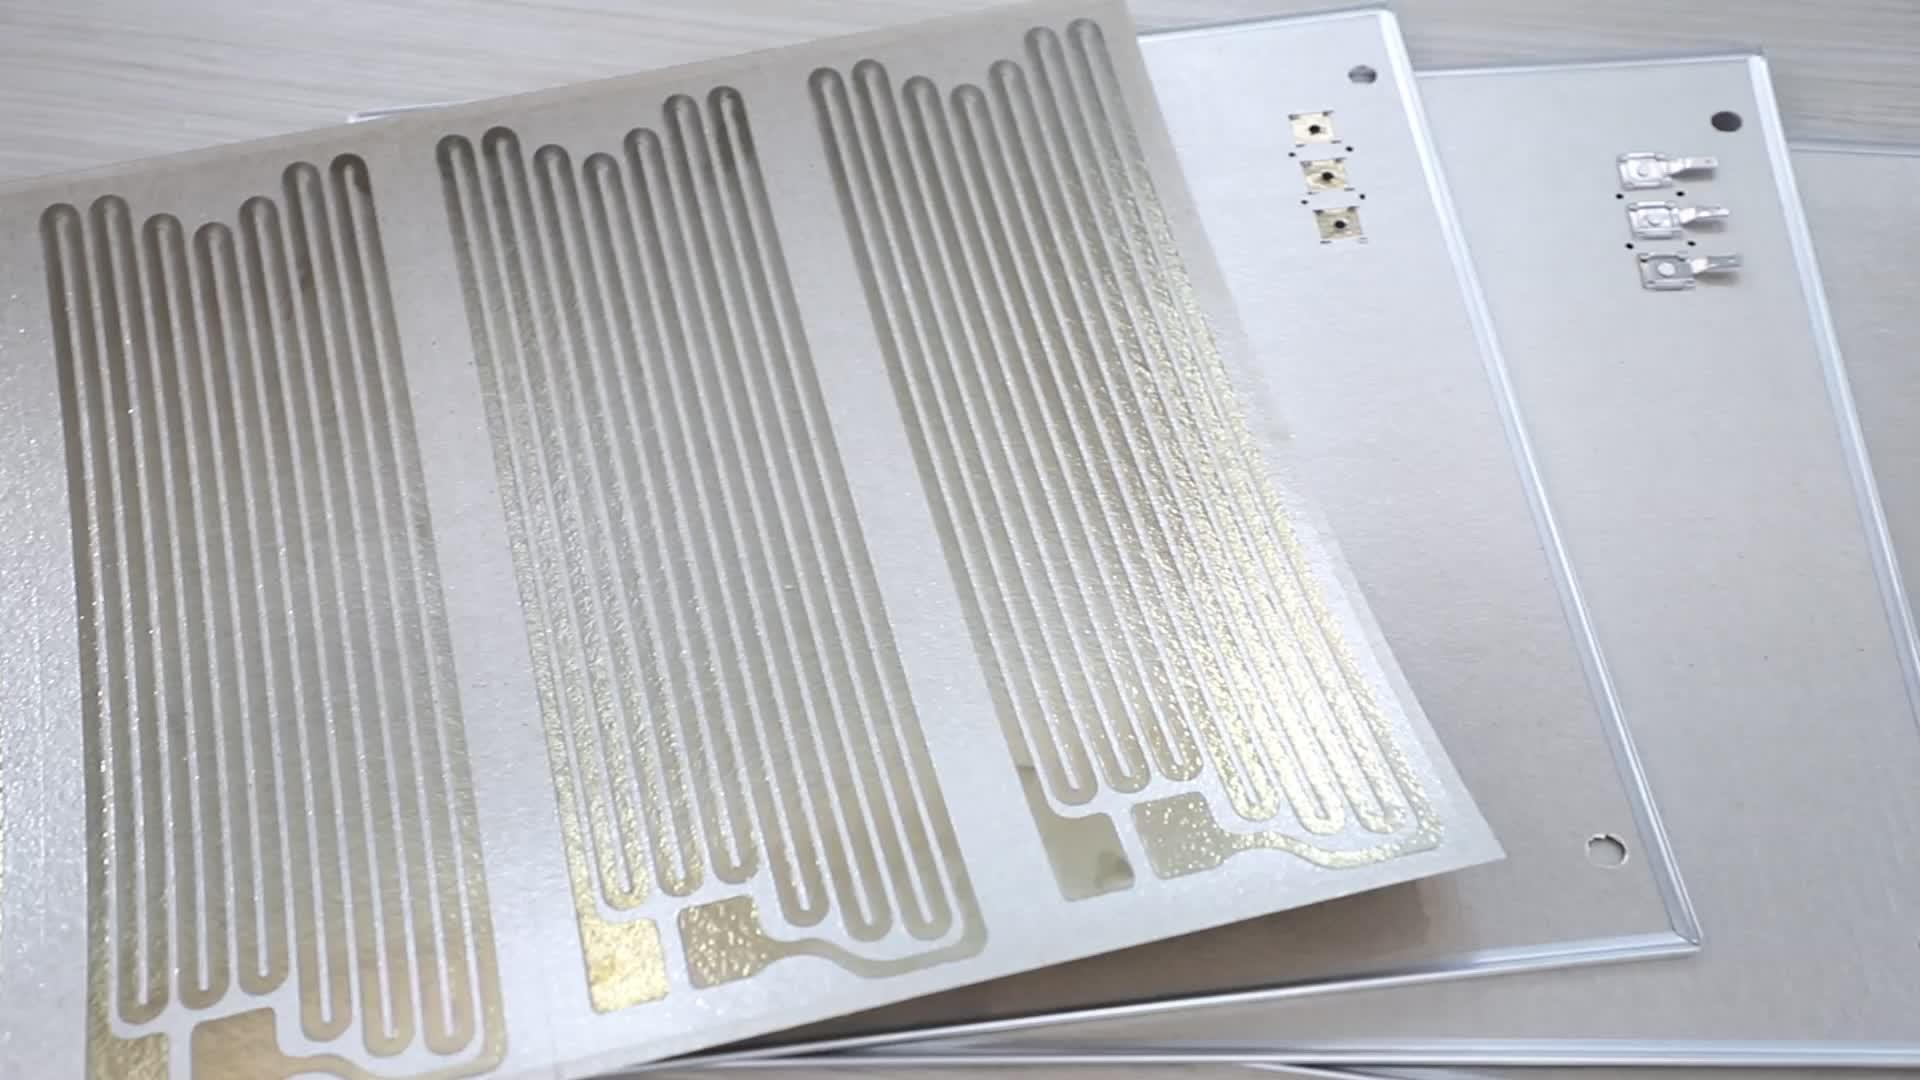 Acessórios de aparelhos eléctricos de aquecimento de mica filme com Formas e tamanhos personalizados